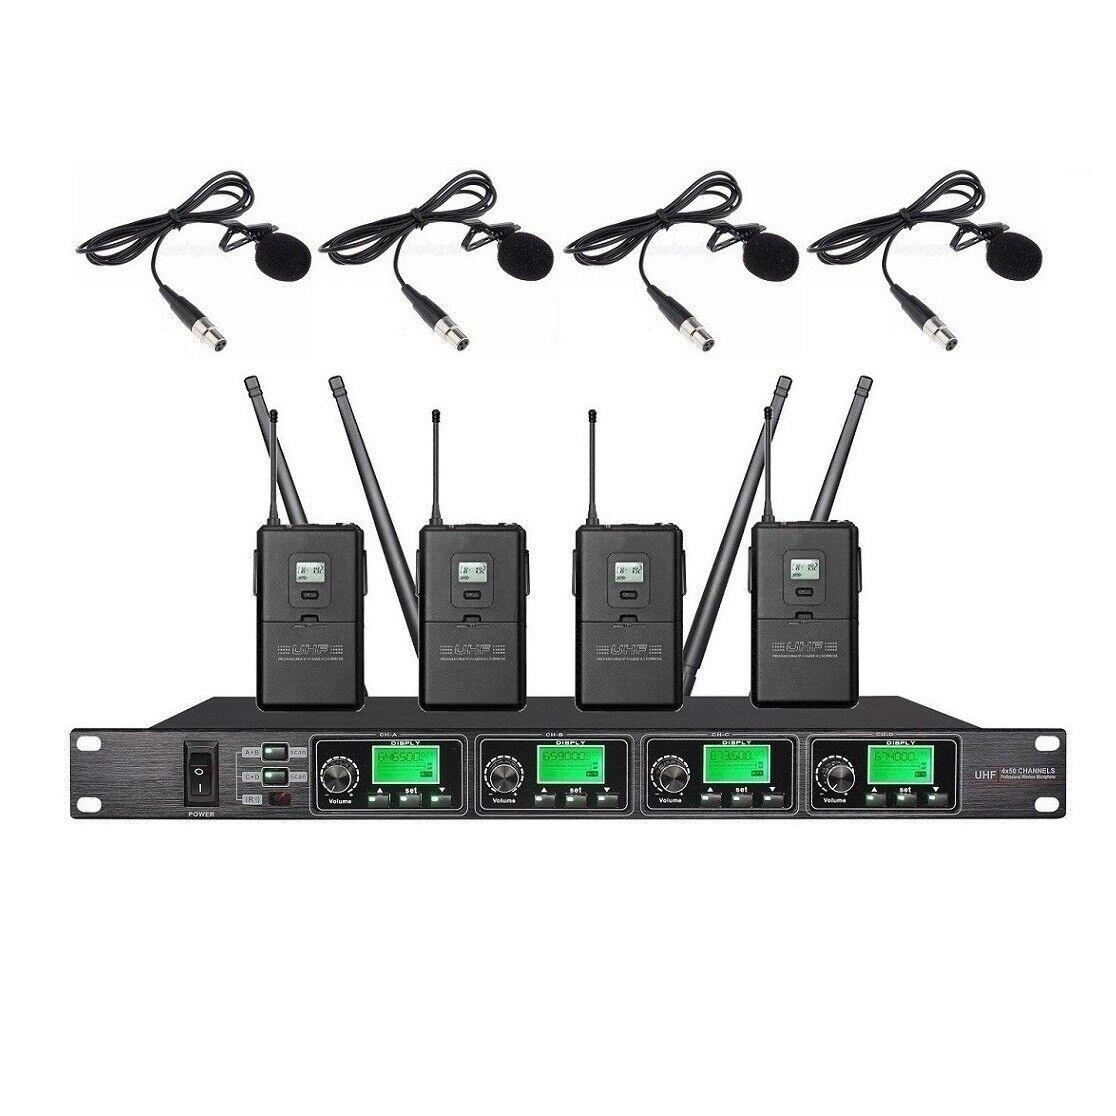 Micrófono de solapa con con con solapa Karaoke Micrófono Inalámbrico Uhf Profesional de escenario  ventas calientes